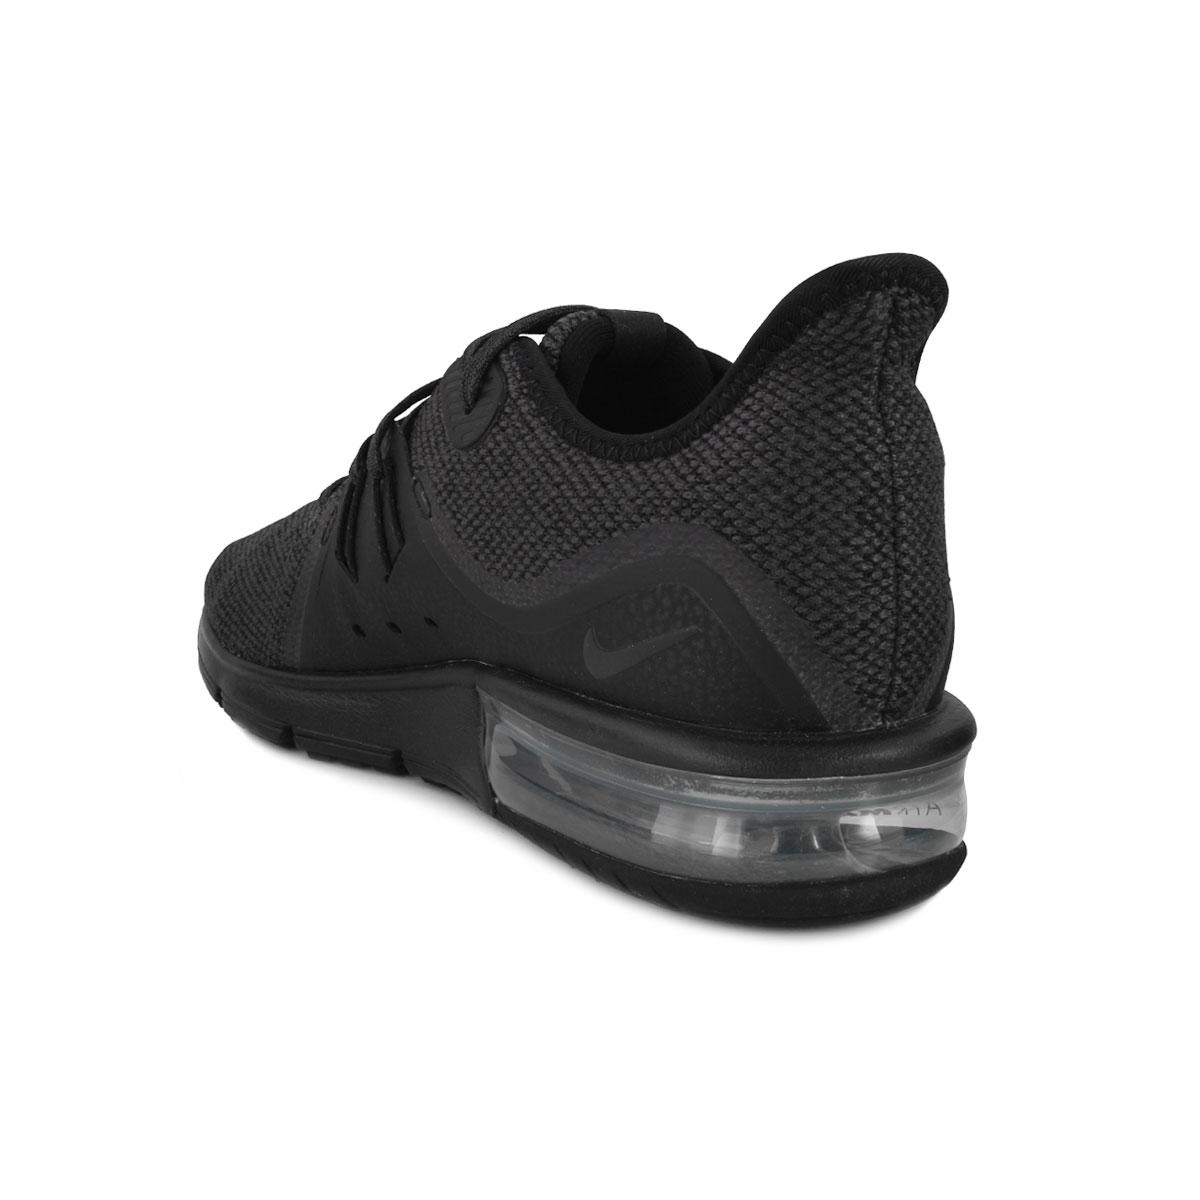 acab372d5 ... Tênis Nike Air Max Sequent 3 NK18 Preto